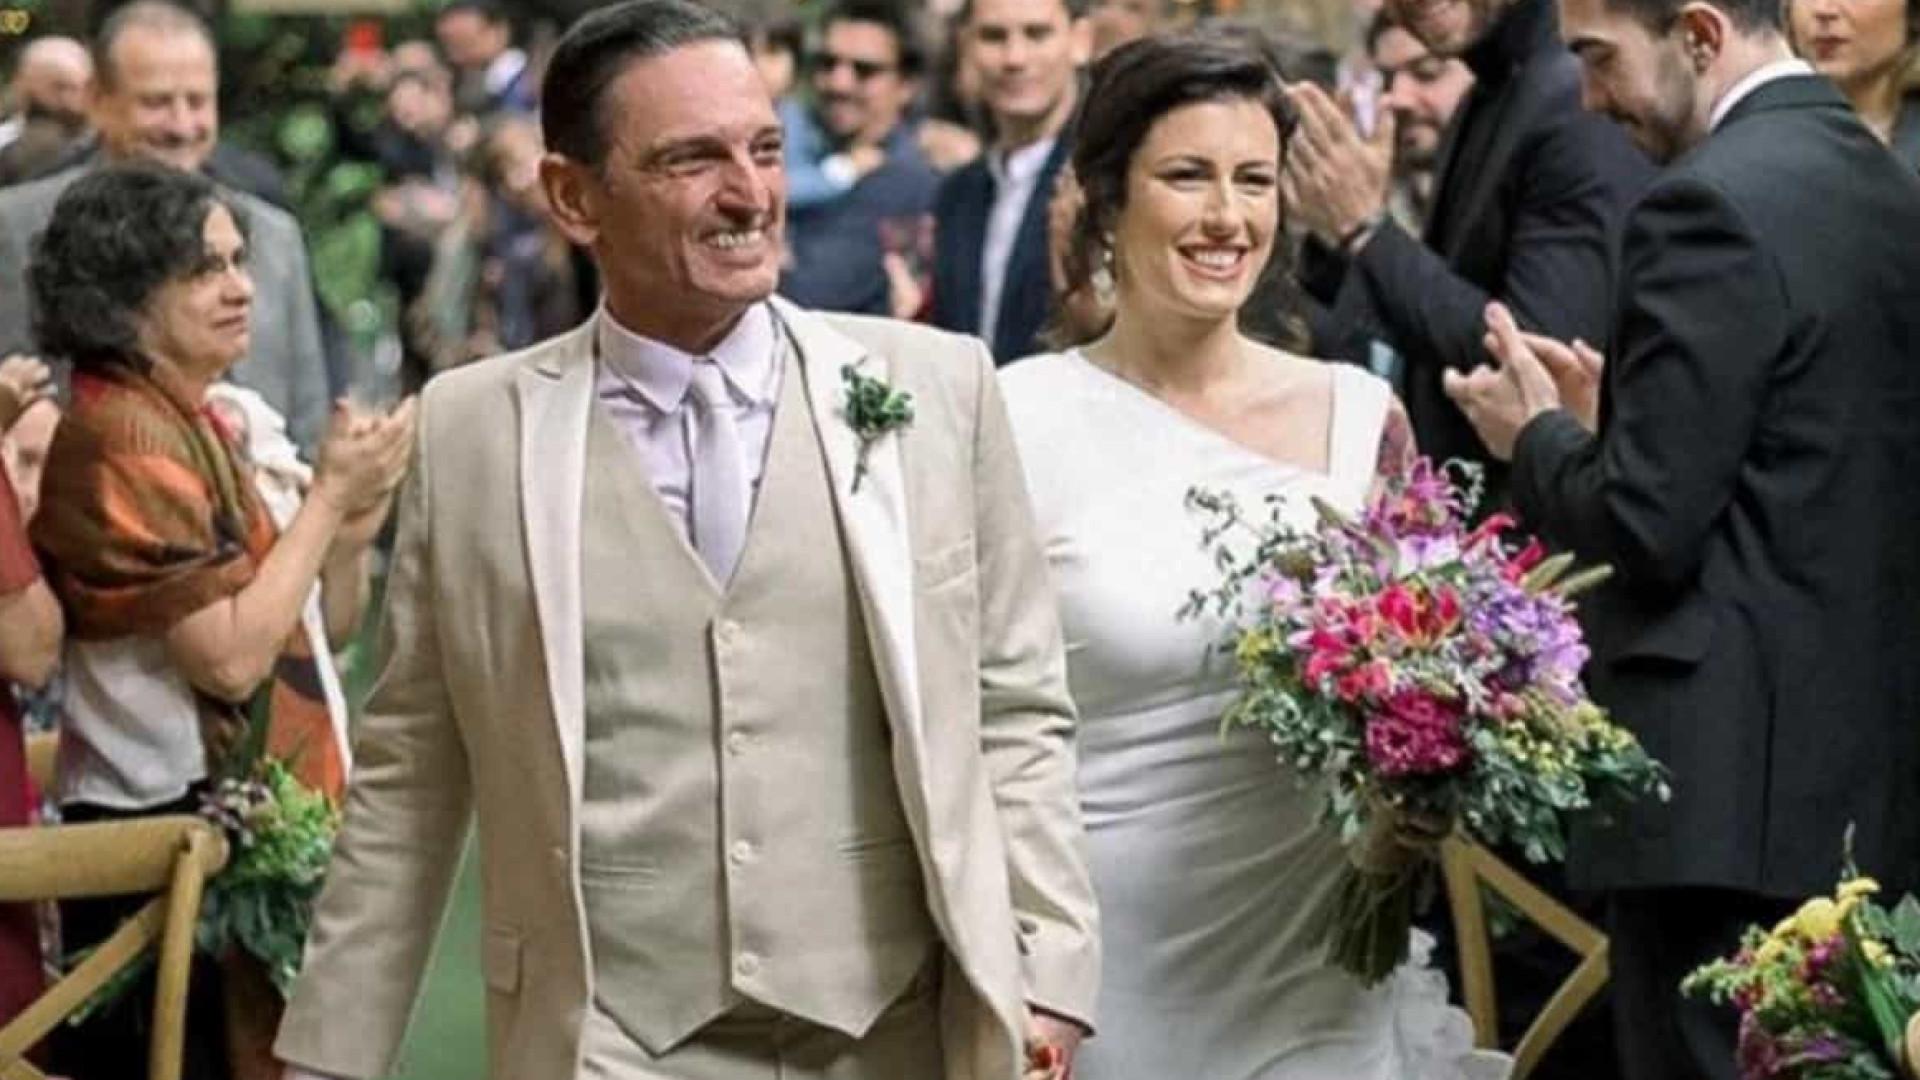 Paulo Miklos e Renata Galvão se casam em cerimônia para 200 convidados